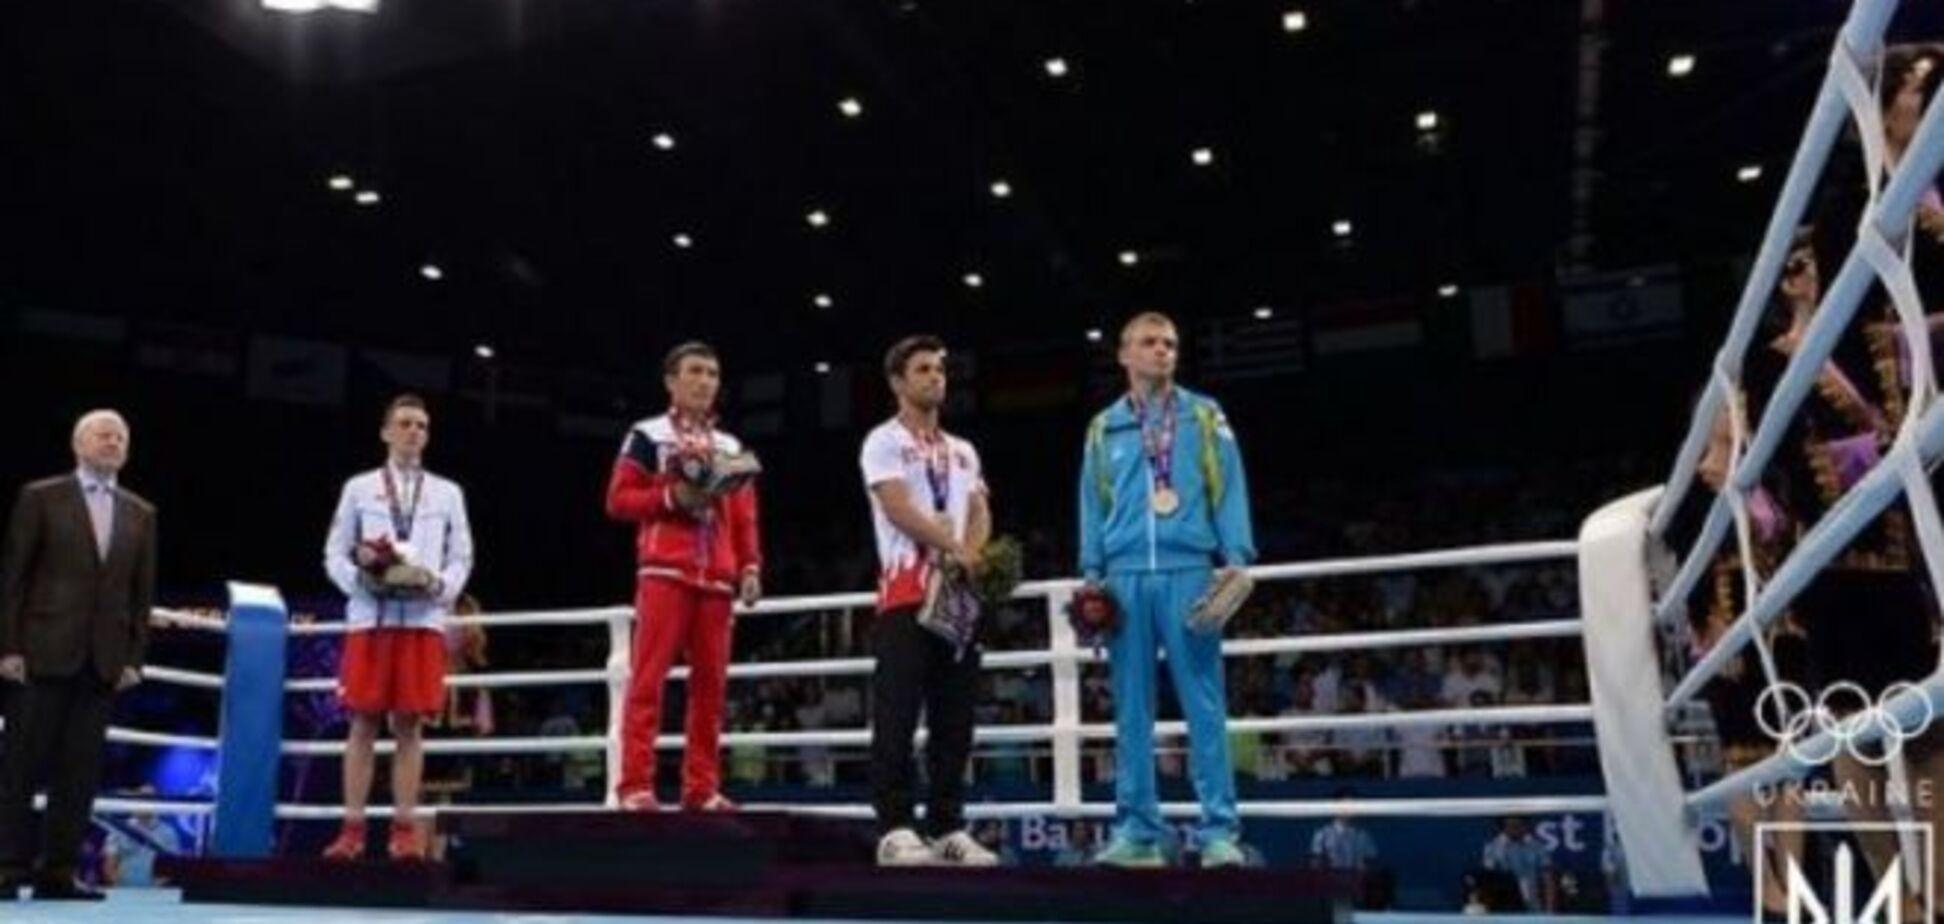 Український боксер показав своє ставлення до Росії на Європейських іграх: відео протесту